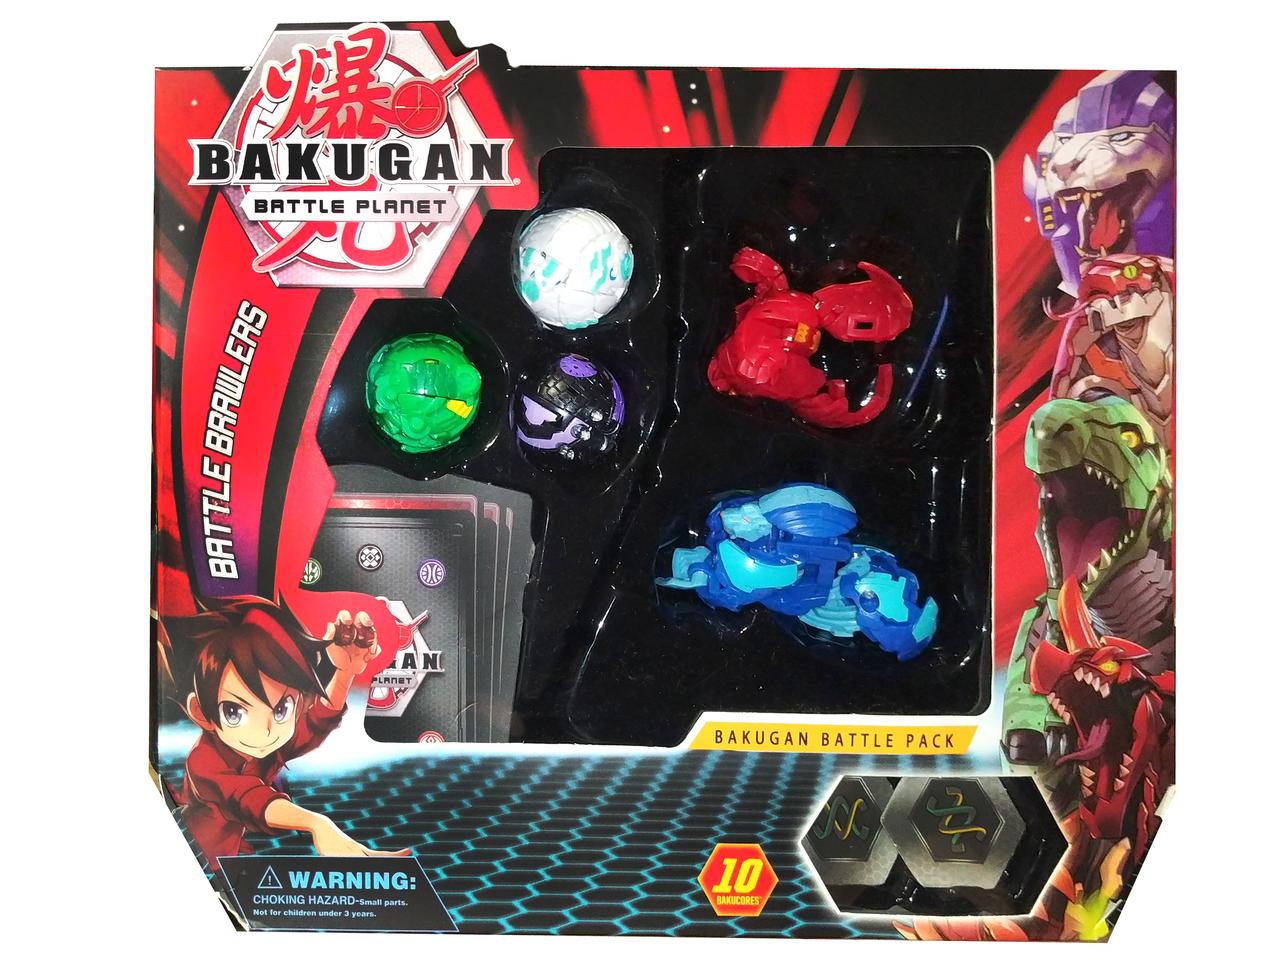 Ігровий набір Bakugan Battle planet - Фігурки трансформери Бакуган 5шт.